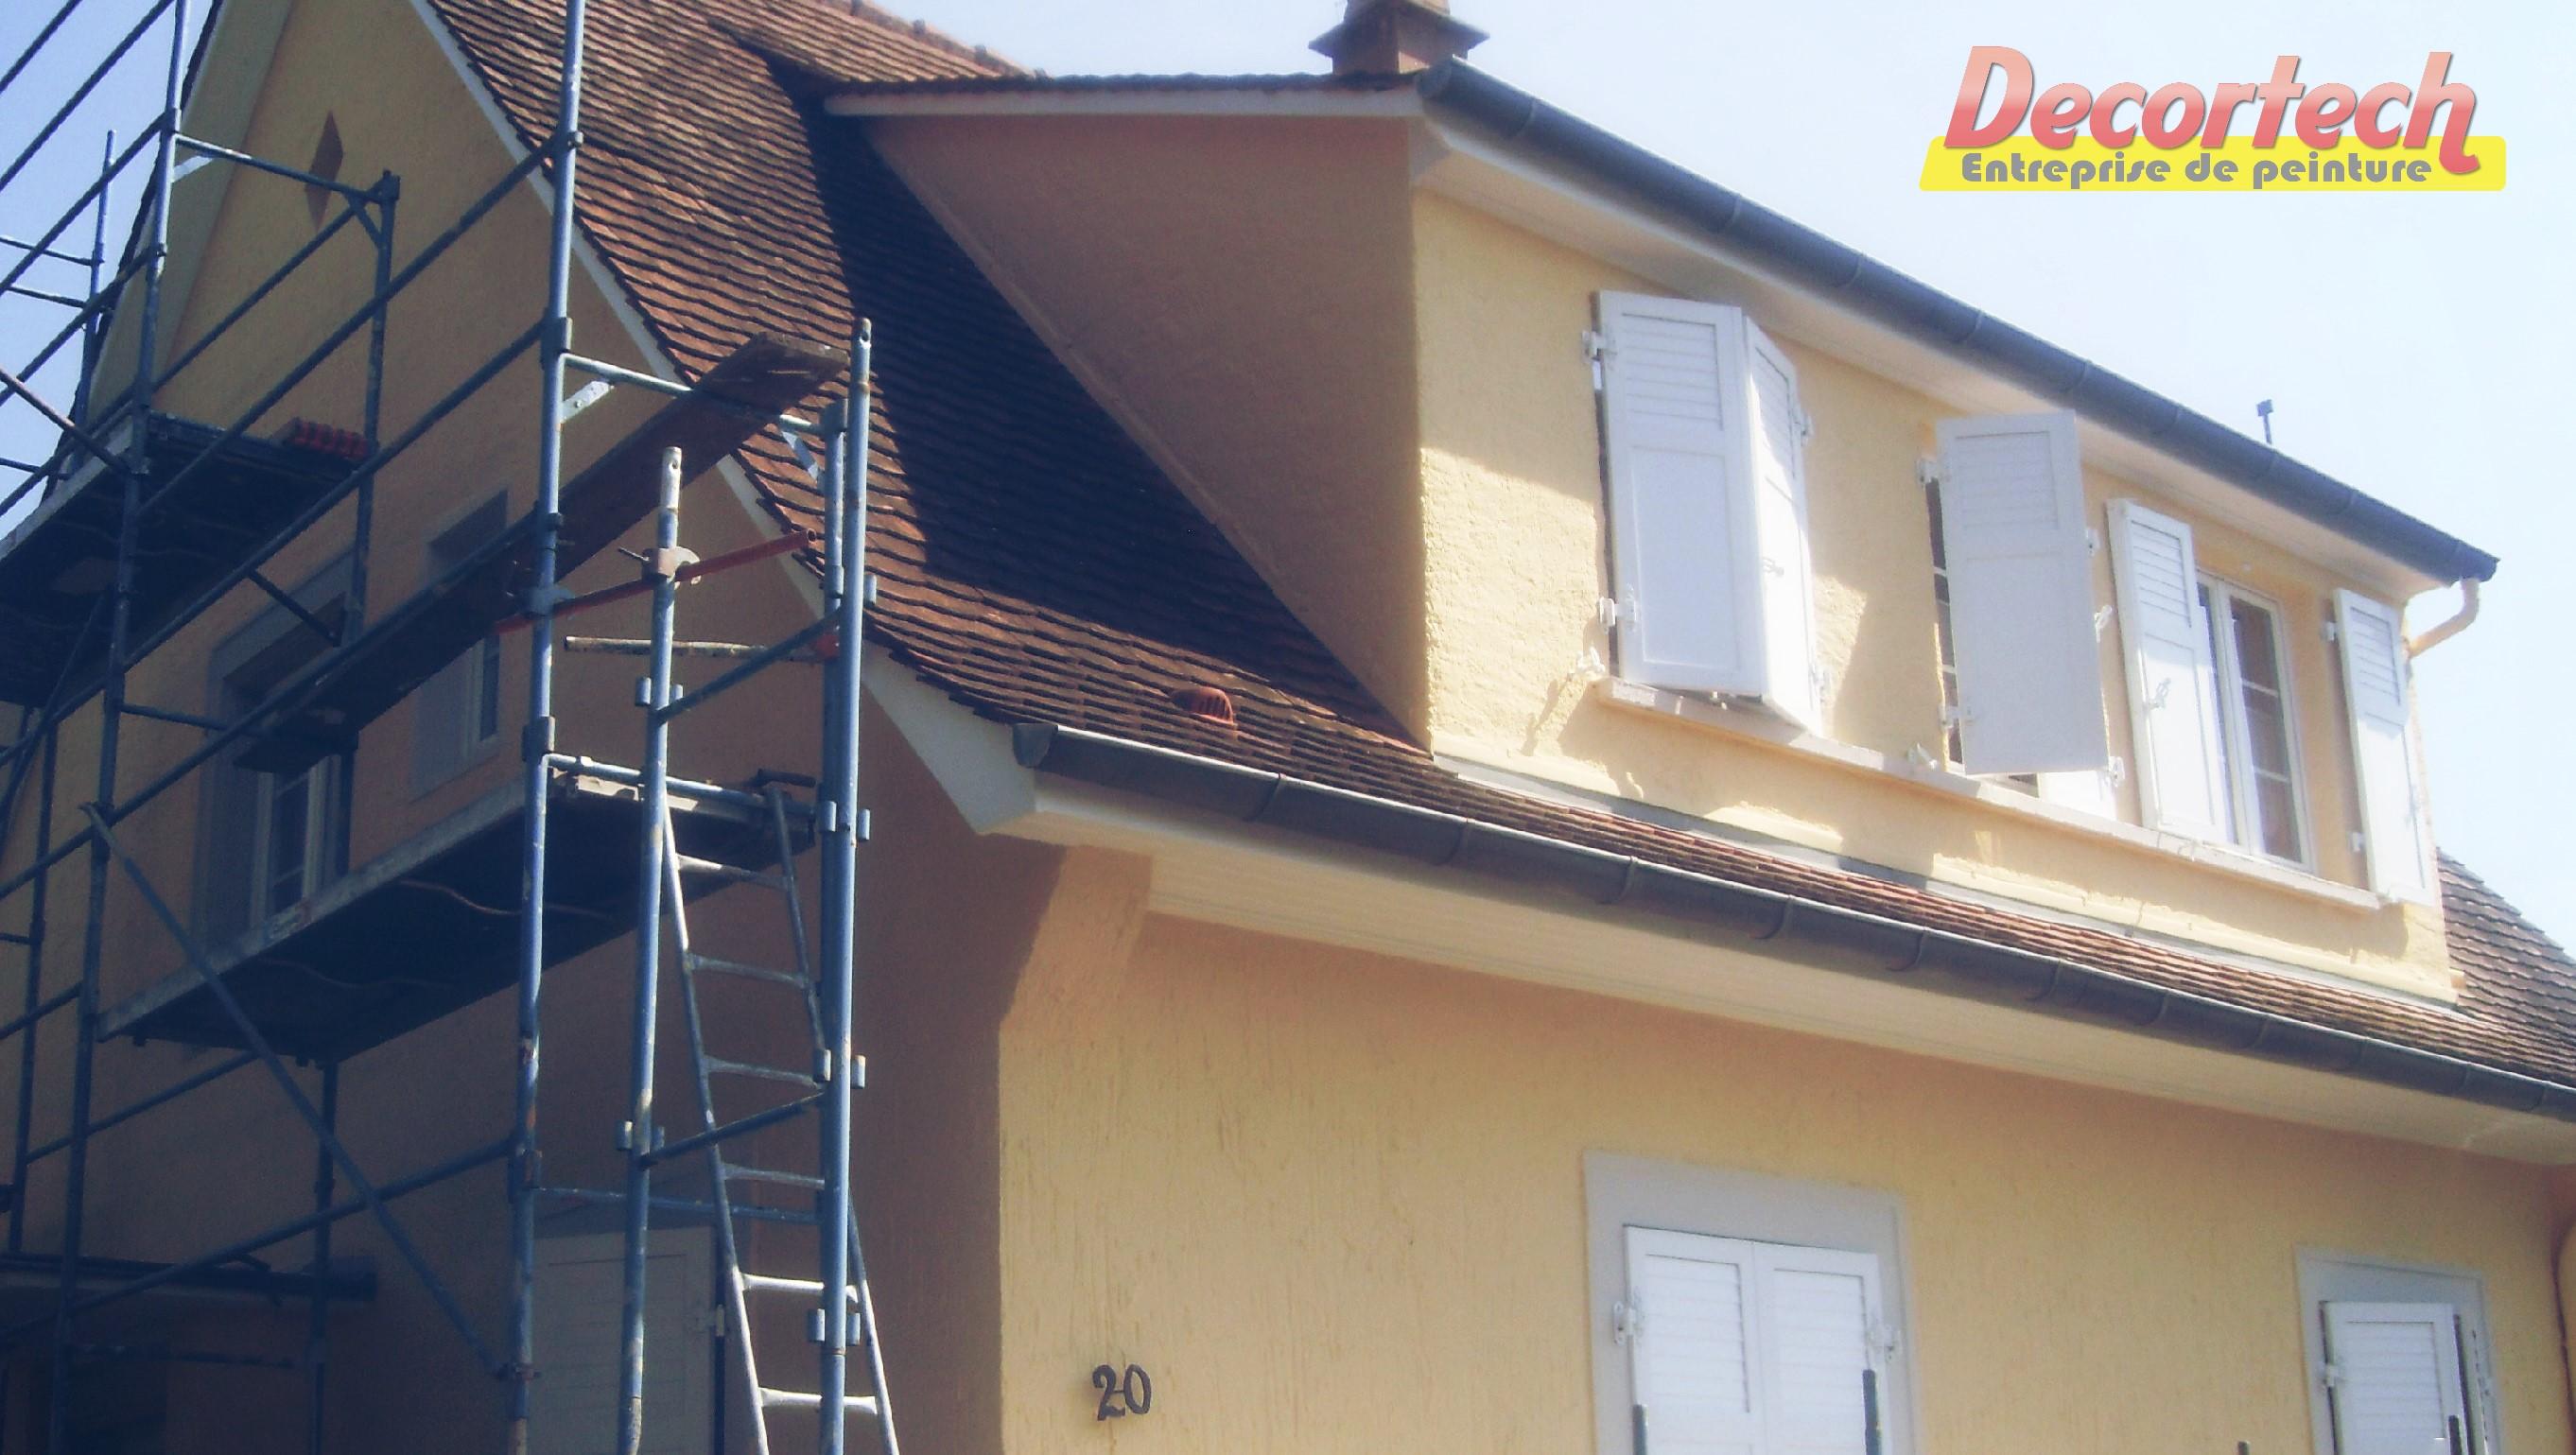 Decortech ravalement de façade peinture crépis